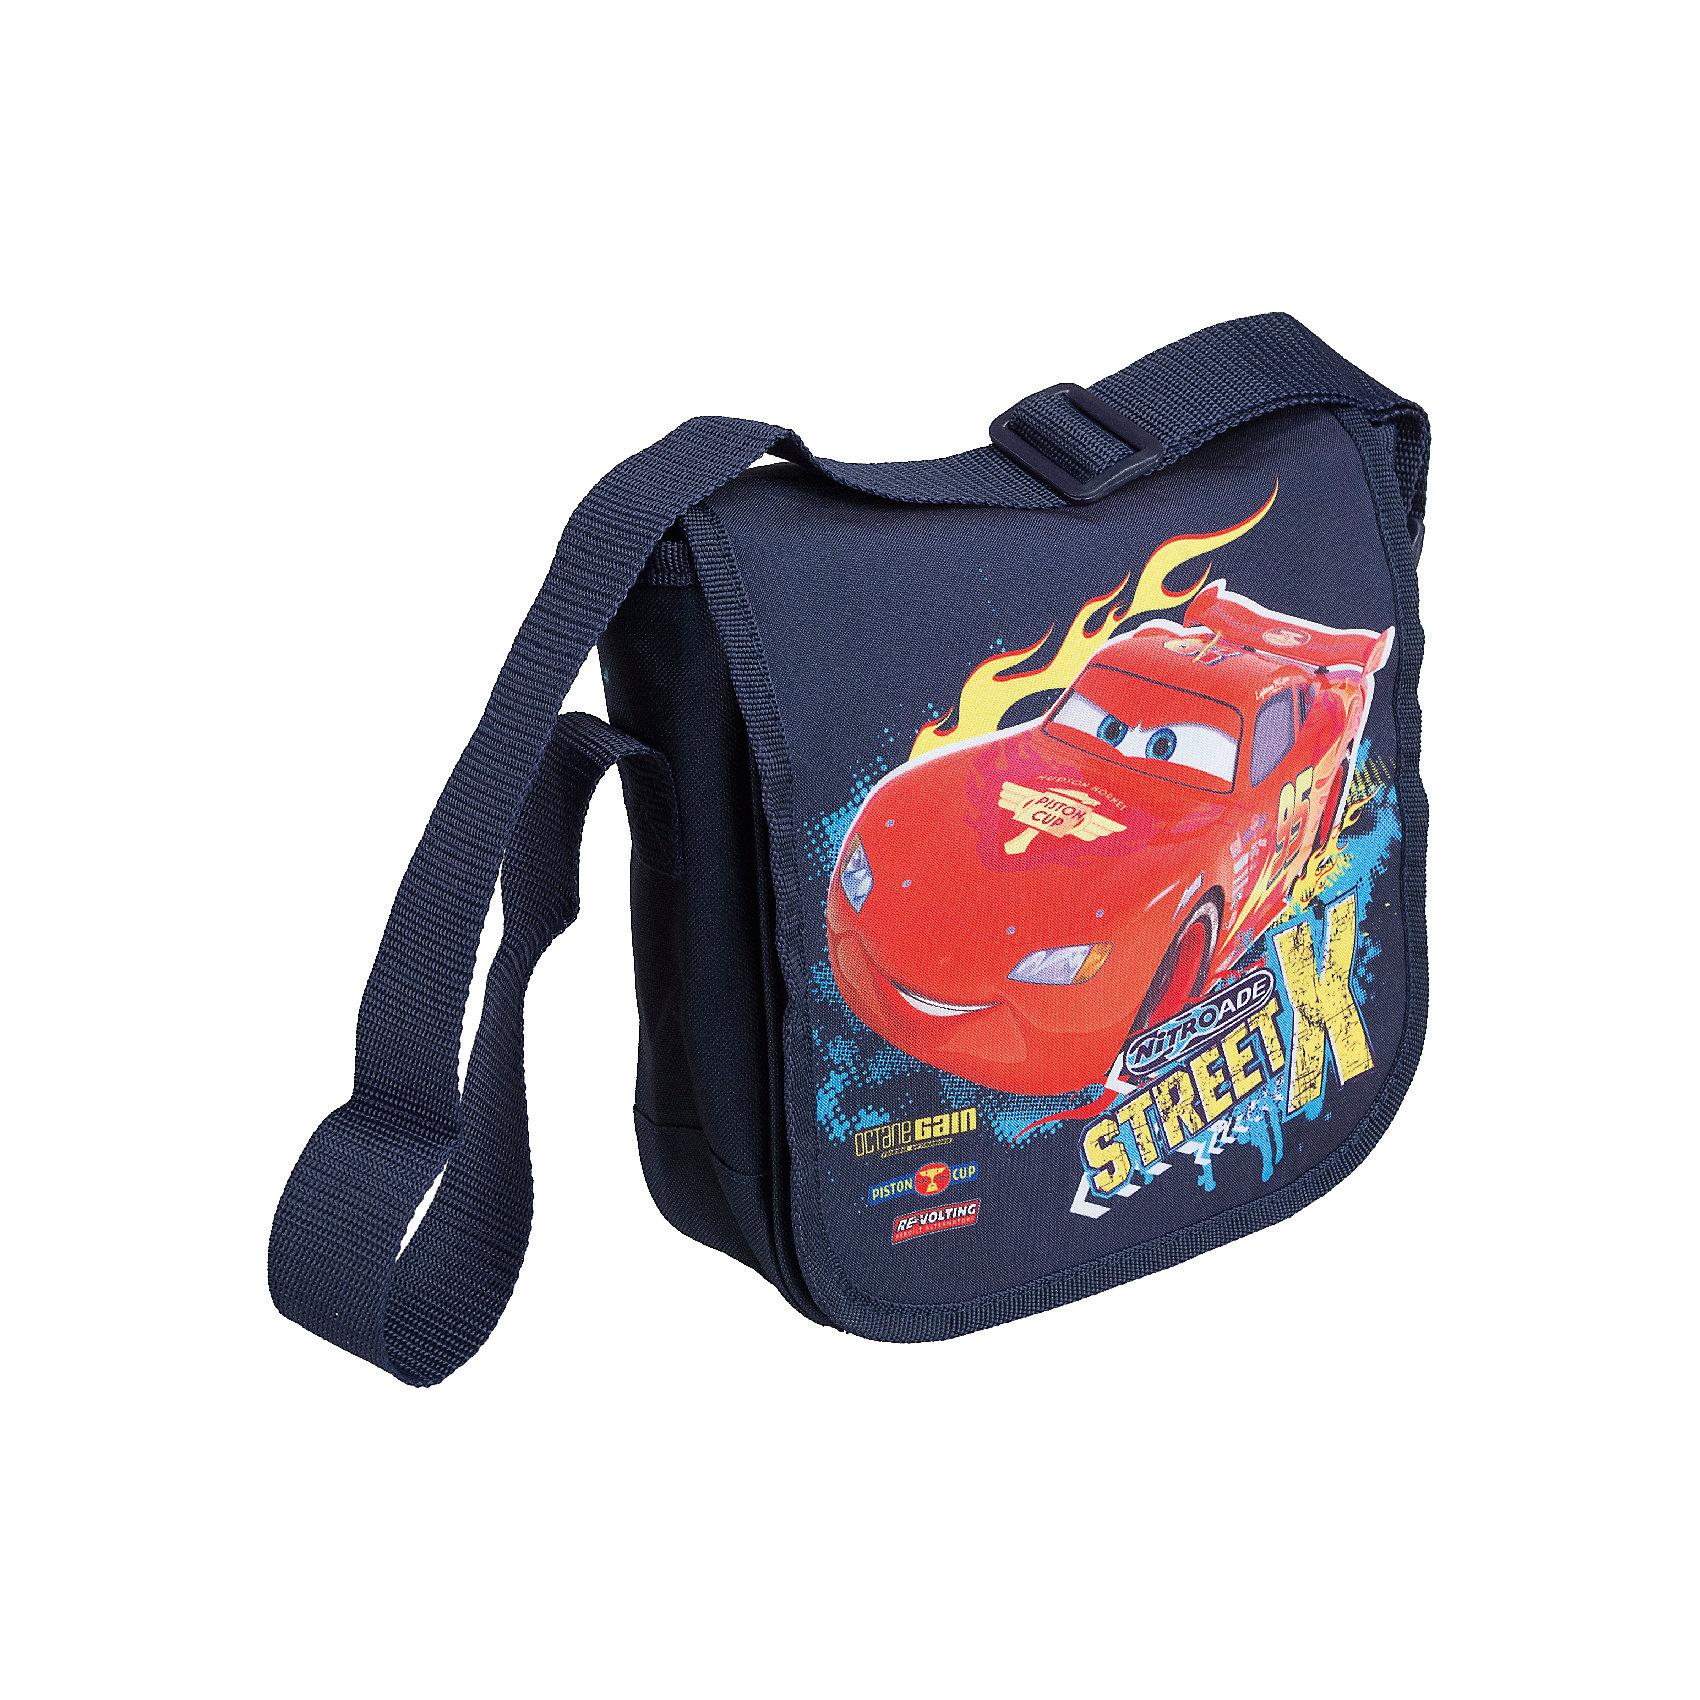 Сумка, ТачкиСтильная детская сумочка с изображением любимых героев, несомненно понравится Вашему ребенку. С ней можно отправиться на прогулку и взять с собой все самое необходимое. Сумка закрывается на клапан на липучке. Лямка свободно регулируется по длине, обеспечивая дополнительный комфорт. Модель выполнена из плотного и износостойкого полиэстера.<br><br>Дополнительная информация:<br><br>Одно отделение, перекидной клапан на липучке.<br>Размер 21,5 х 22 х 7,5 см.<br><br>Сумку  Тачки (Cars) 21,5*22*7,5 см можно купить в нашем магазине.<br><br>Ширина мм: 215<br>Глубина мм: 220<br>Высота мм: 75<br>Вес г: 166<br>Возраст от месяцев: 48<br>Возраст до месяцев: 84<br>Пол: Мужской<br>Возраст: Детский<br>SKU: 4141000